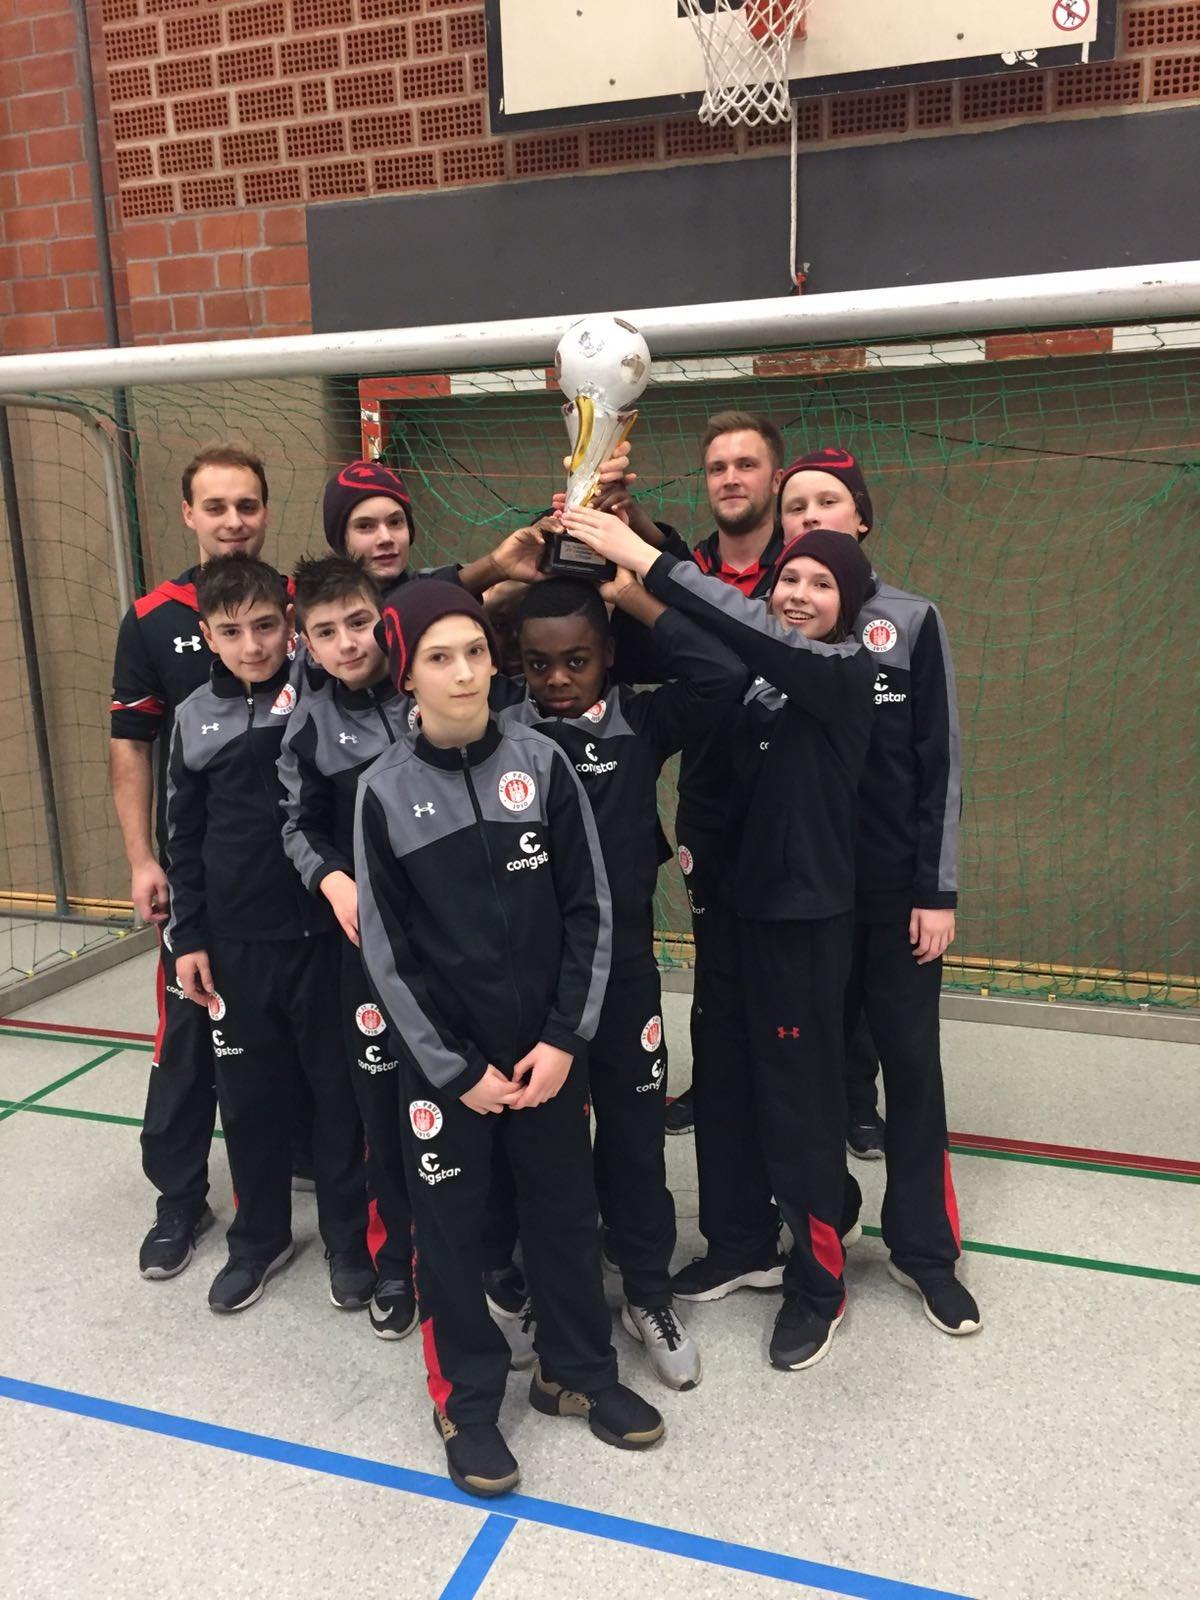 Nach sechs Siegen und einer Niederlage stemmte unsere U13 den Siegerpokal in die Höhe.